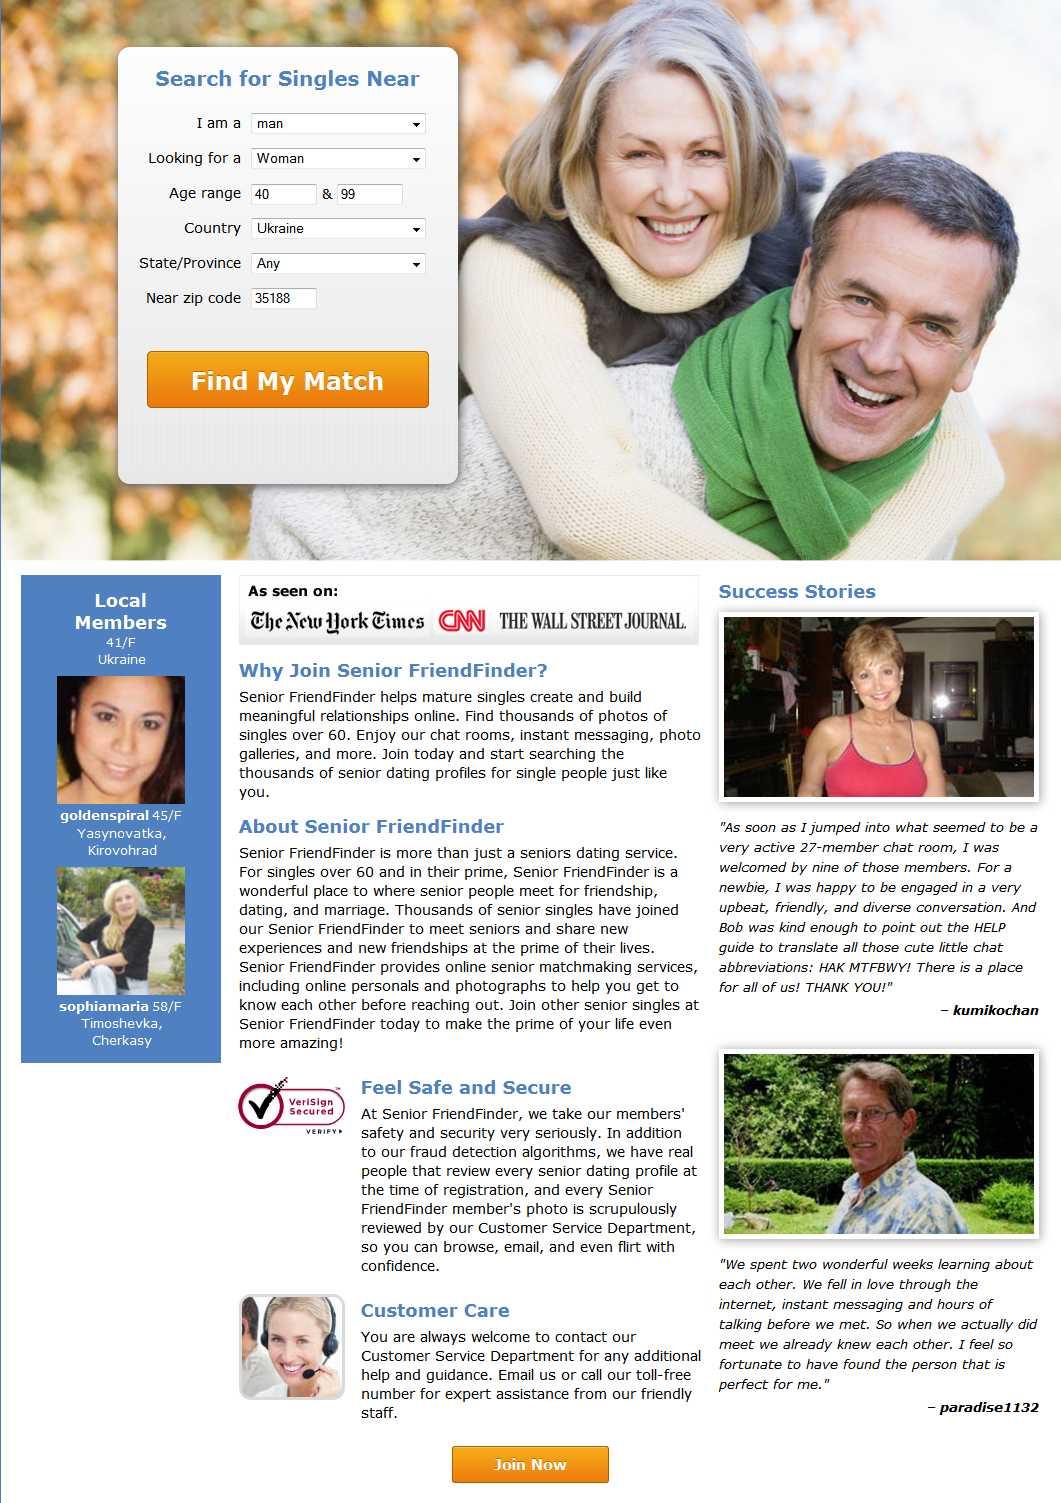 Seniorfriendfinder.com screen1